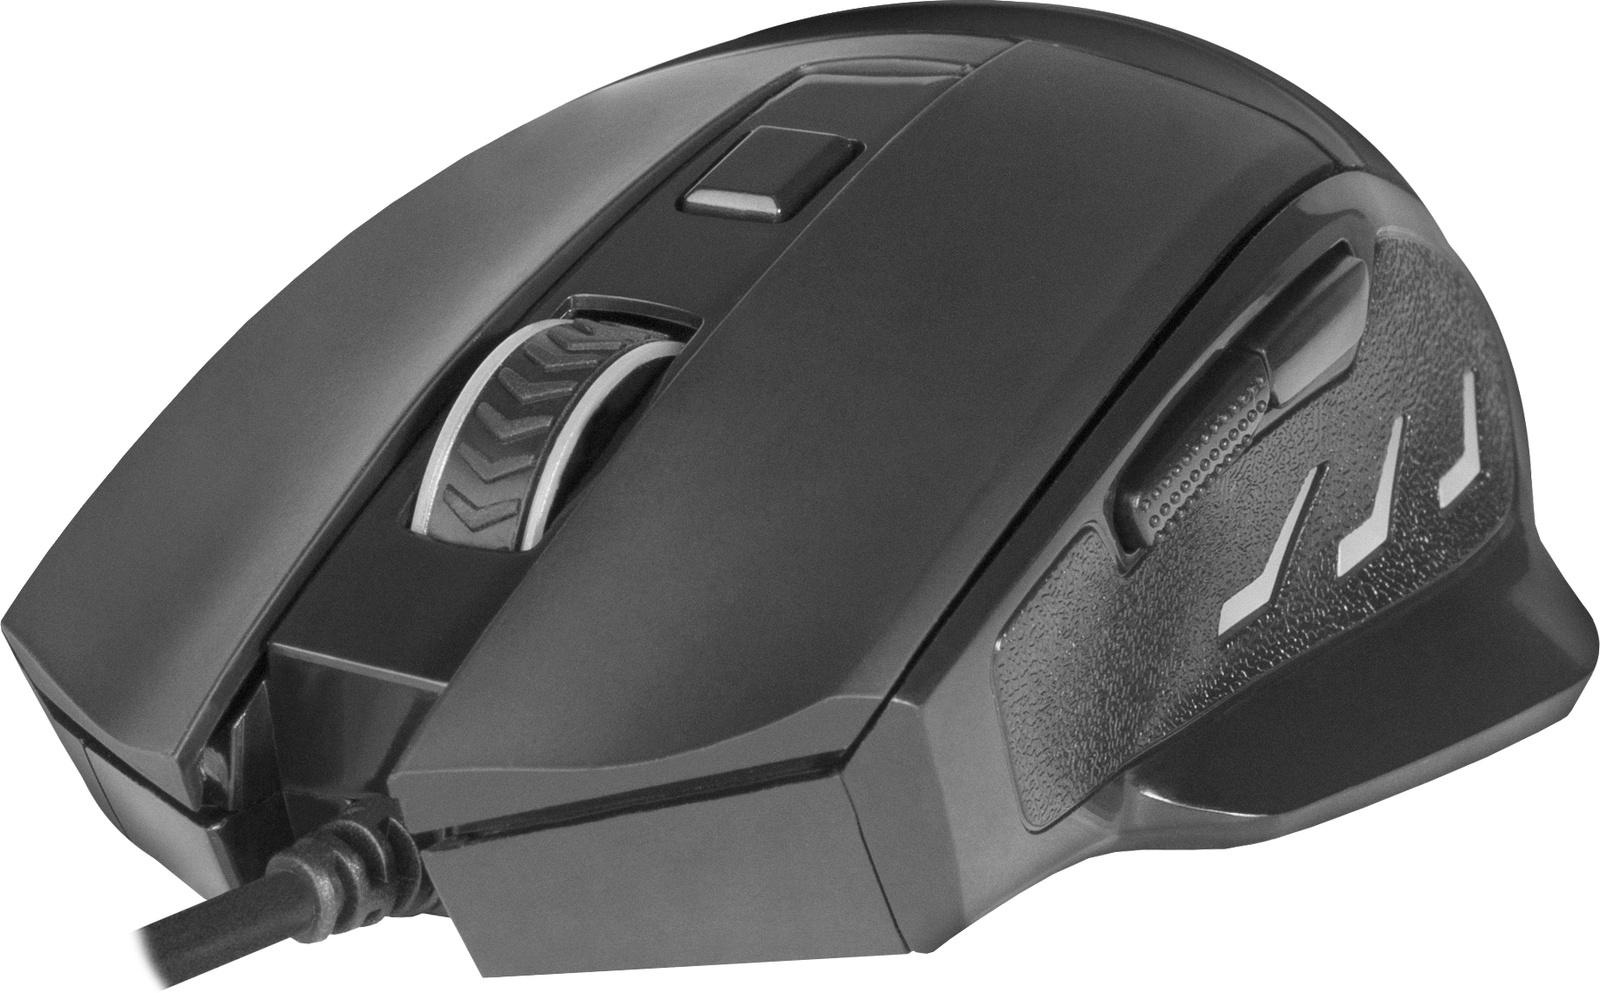 Игровая мышь Redragon Phaser оптика,6кнопок,1000-3200dpi, 75169, черный